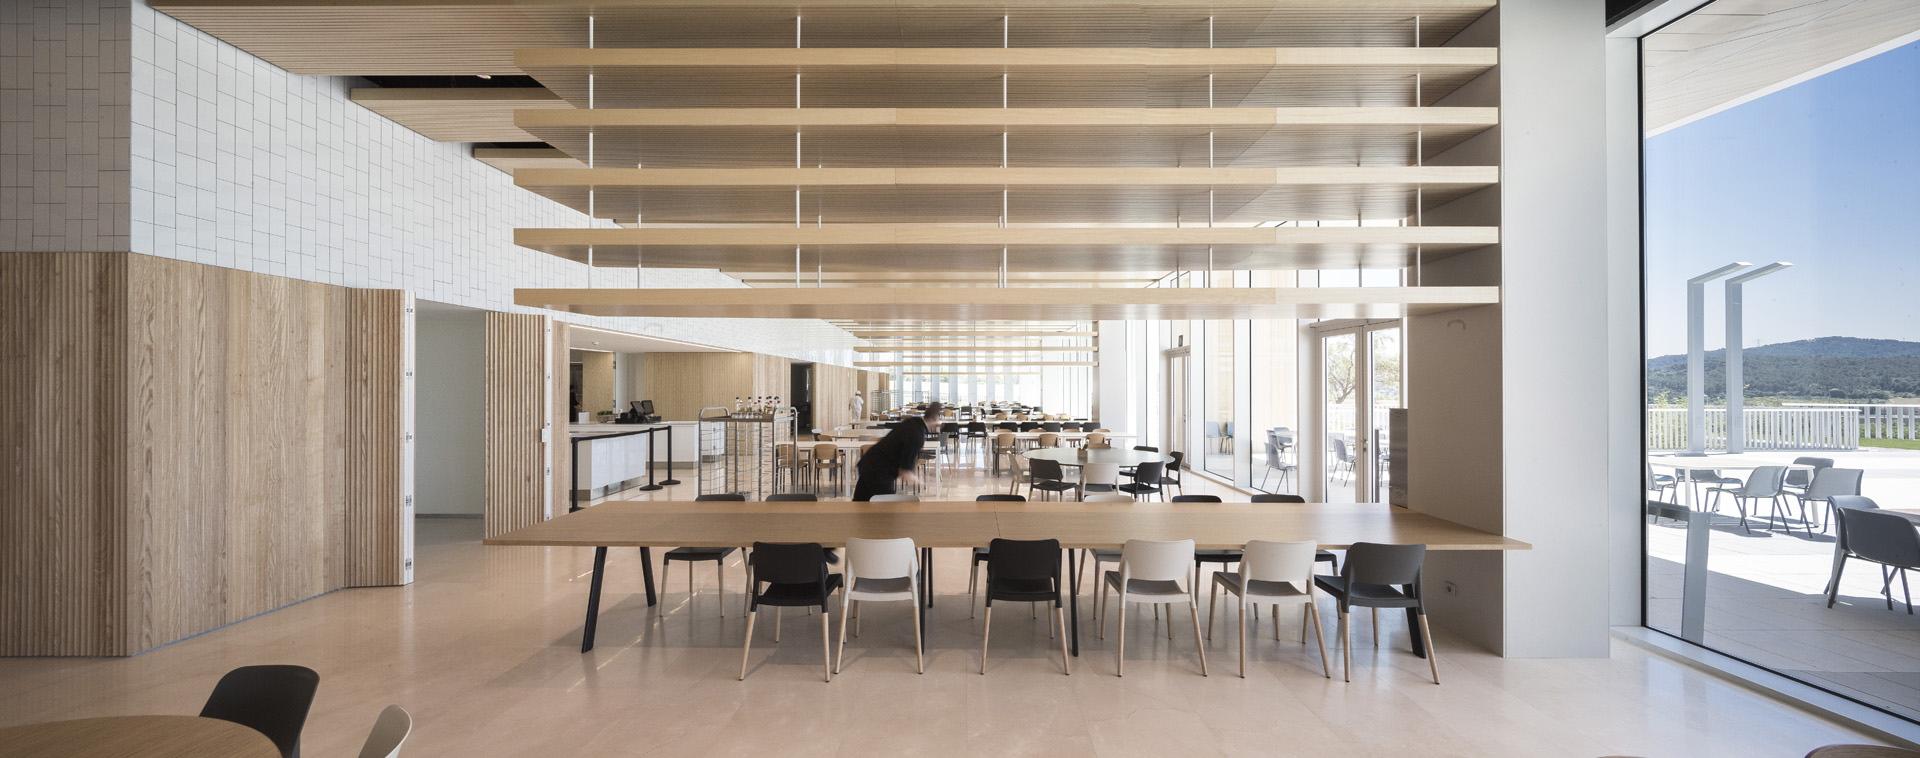 Batlle I Roig : nouveau siège de Stradivarius à Cerdanyola del Vallès